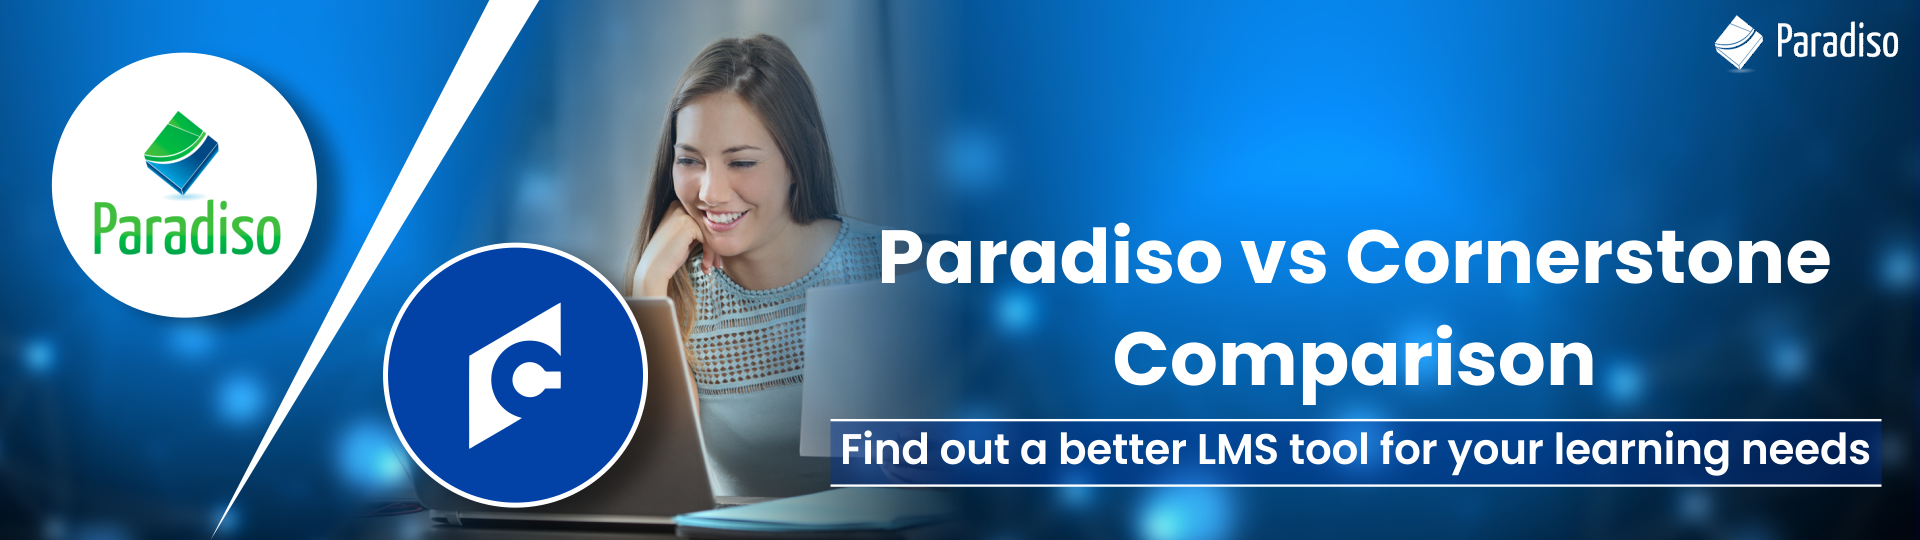 Paradiso and Cornerstone comparison